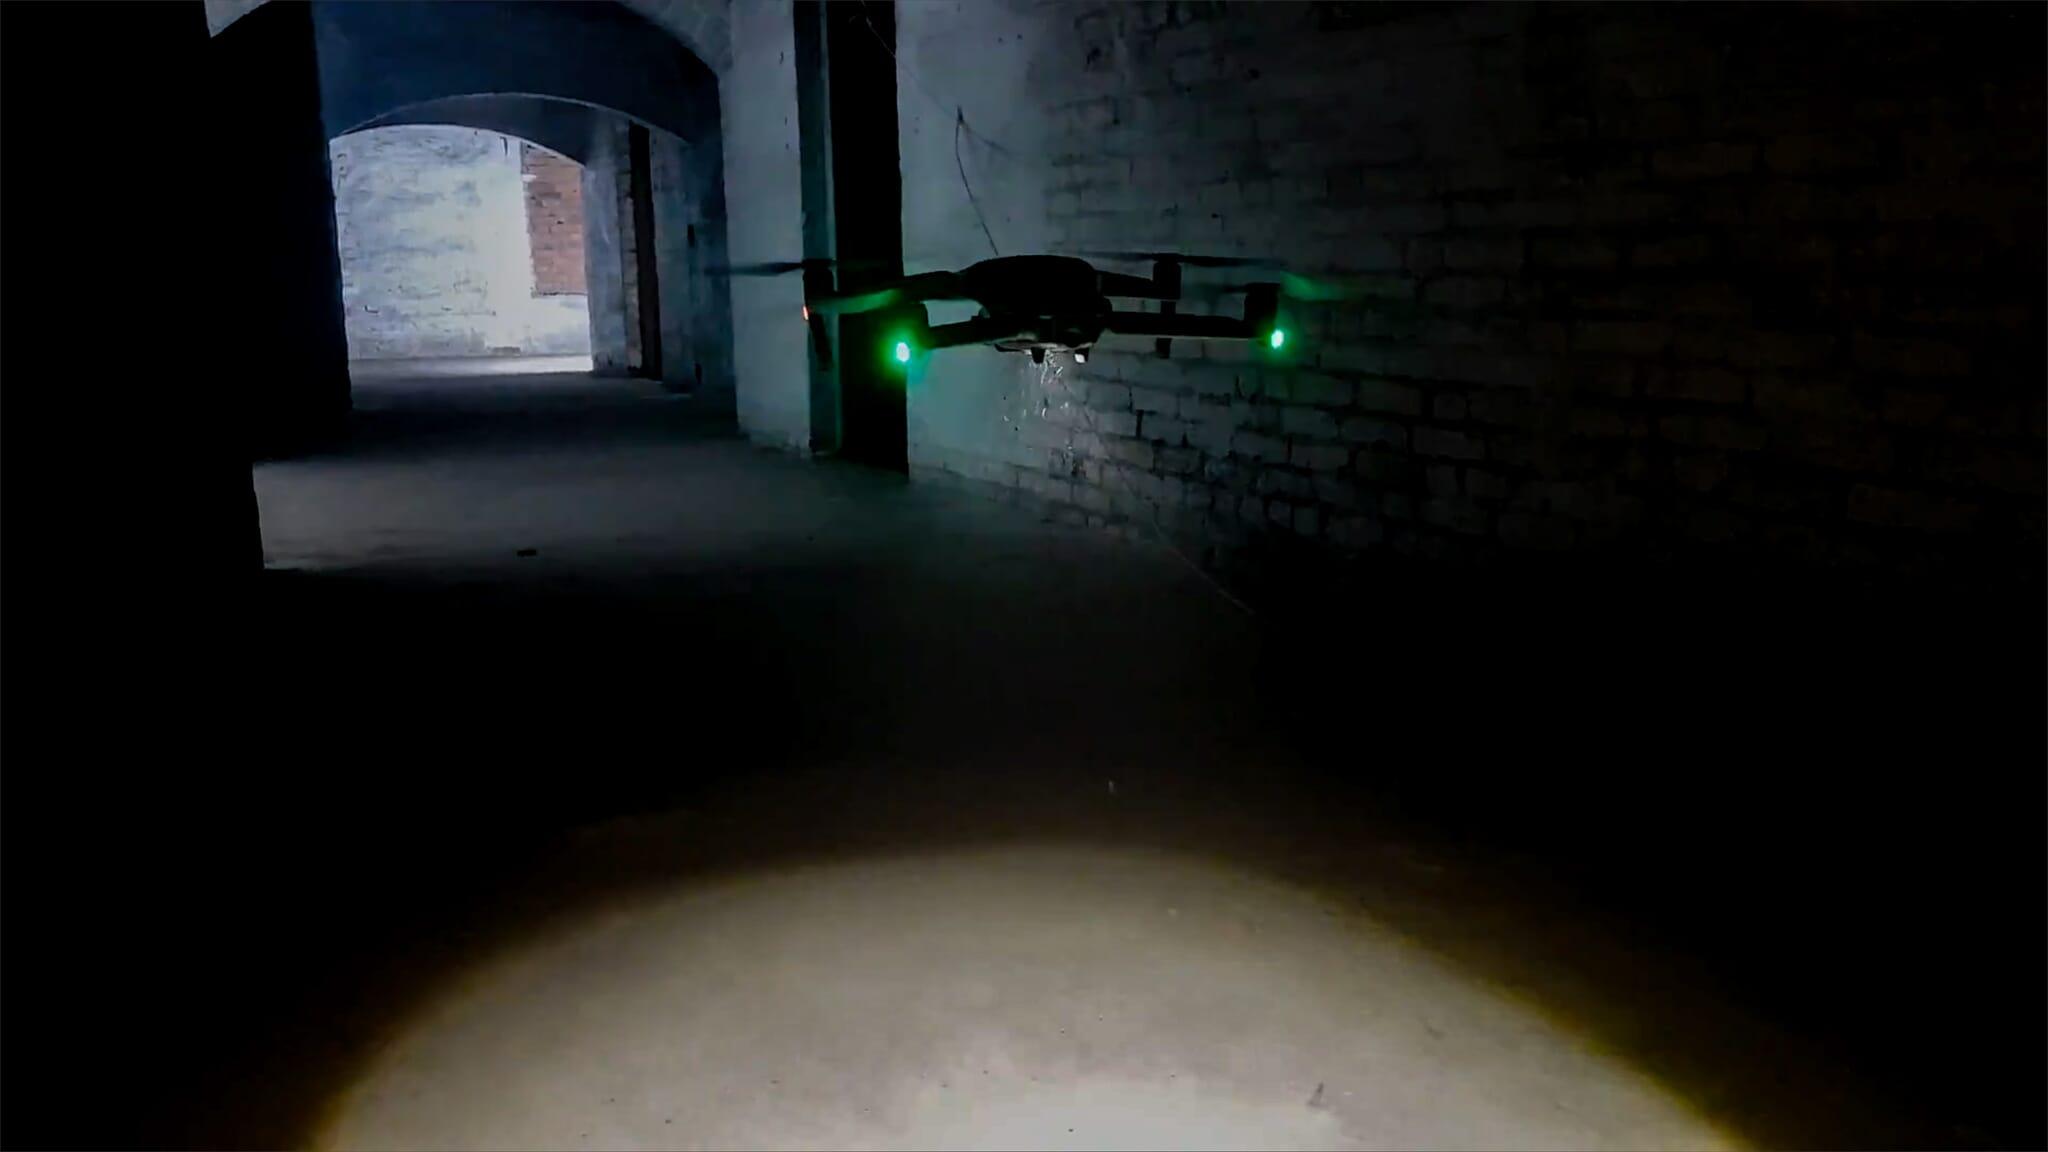 Mavic 2 drone flying in a dark tunnel